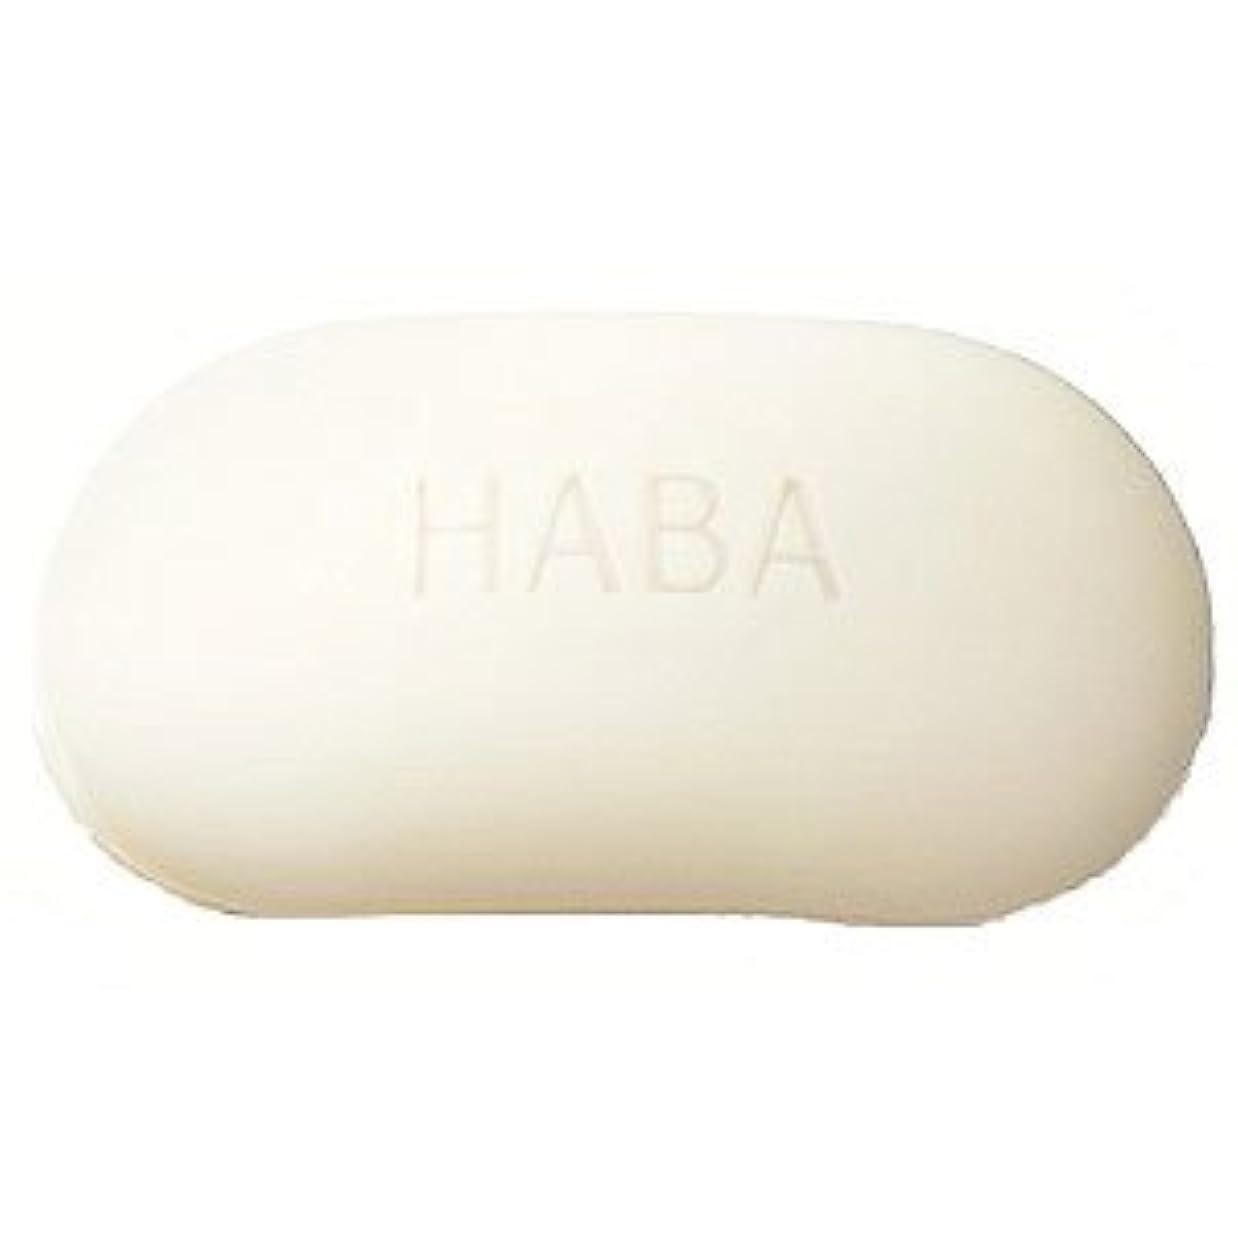 嬉しいですしかしながら申請者HABA 絹泡石けん 2個組<HABA/ハーバー(ハーバー研究所)>